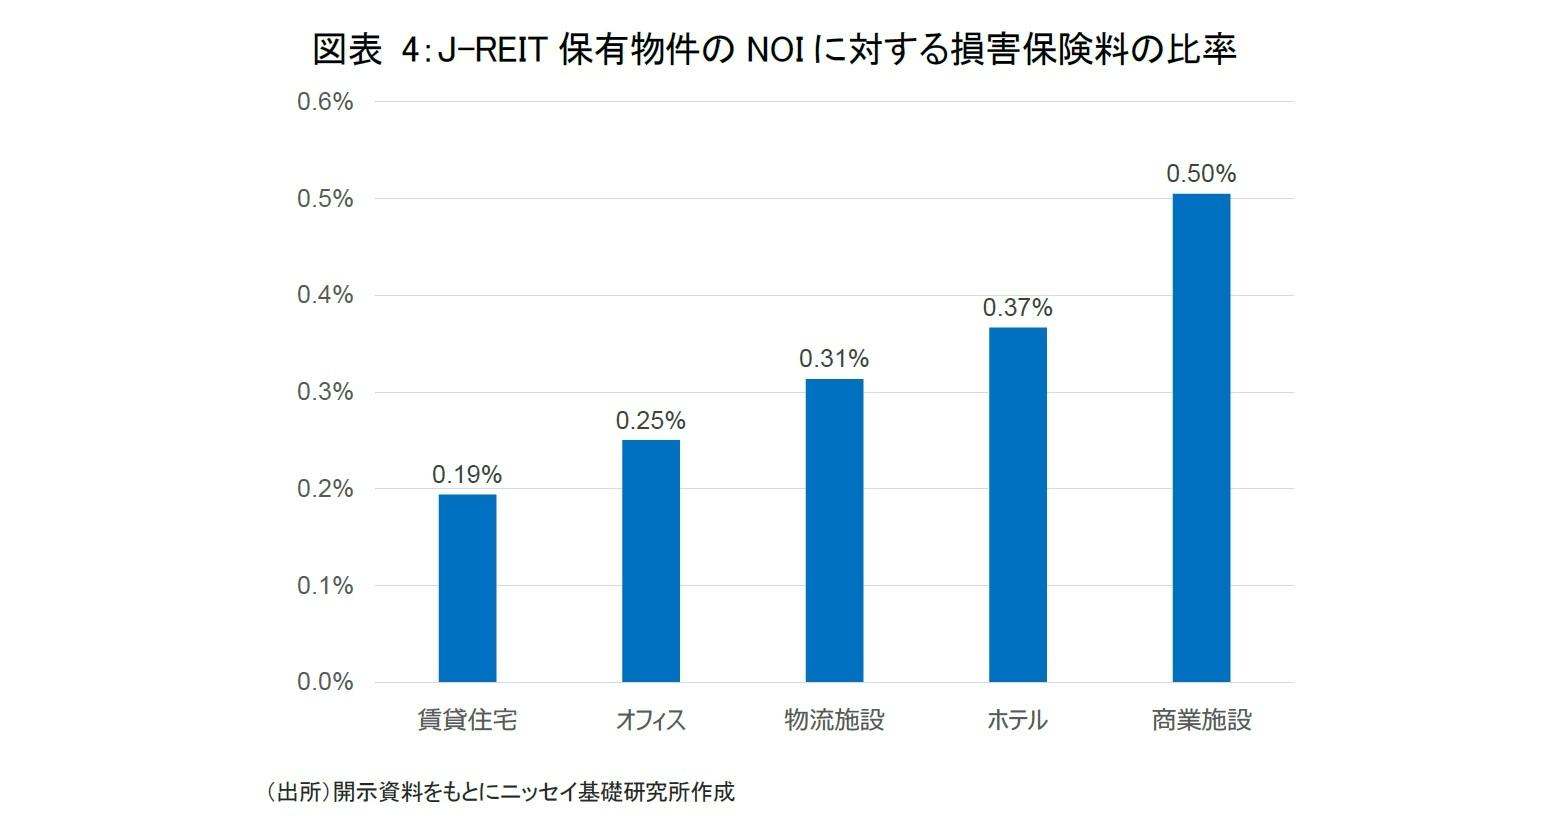 図表 4:J-REIT保有物件のNOIに対する損害保険料の比率